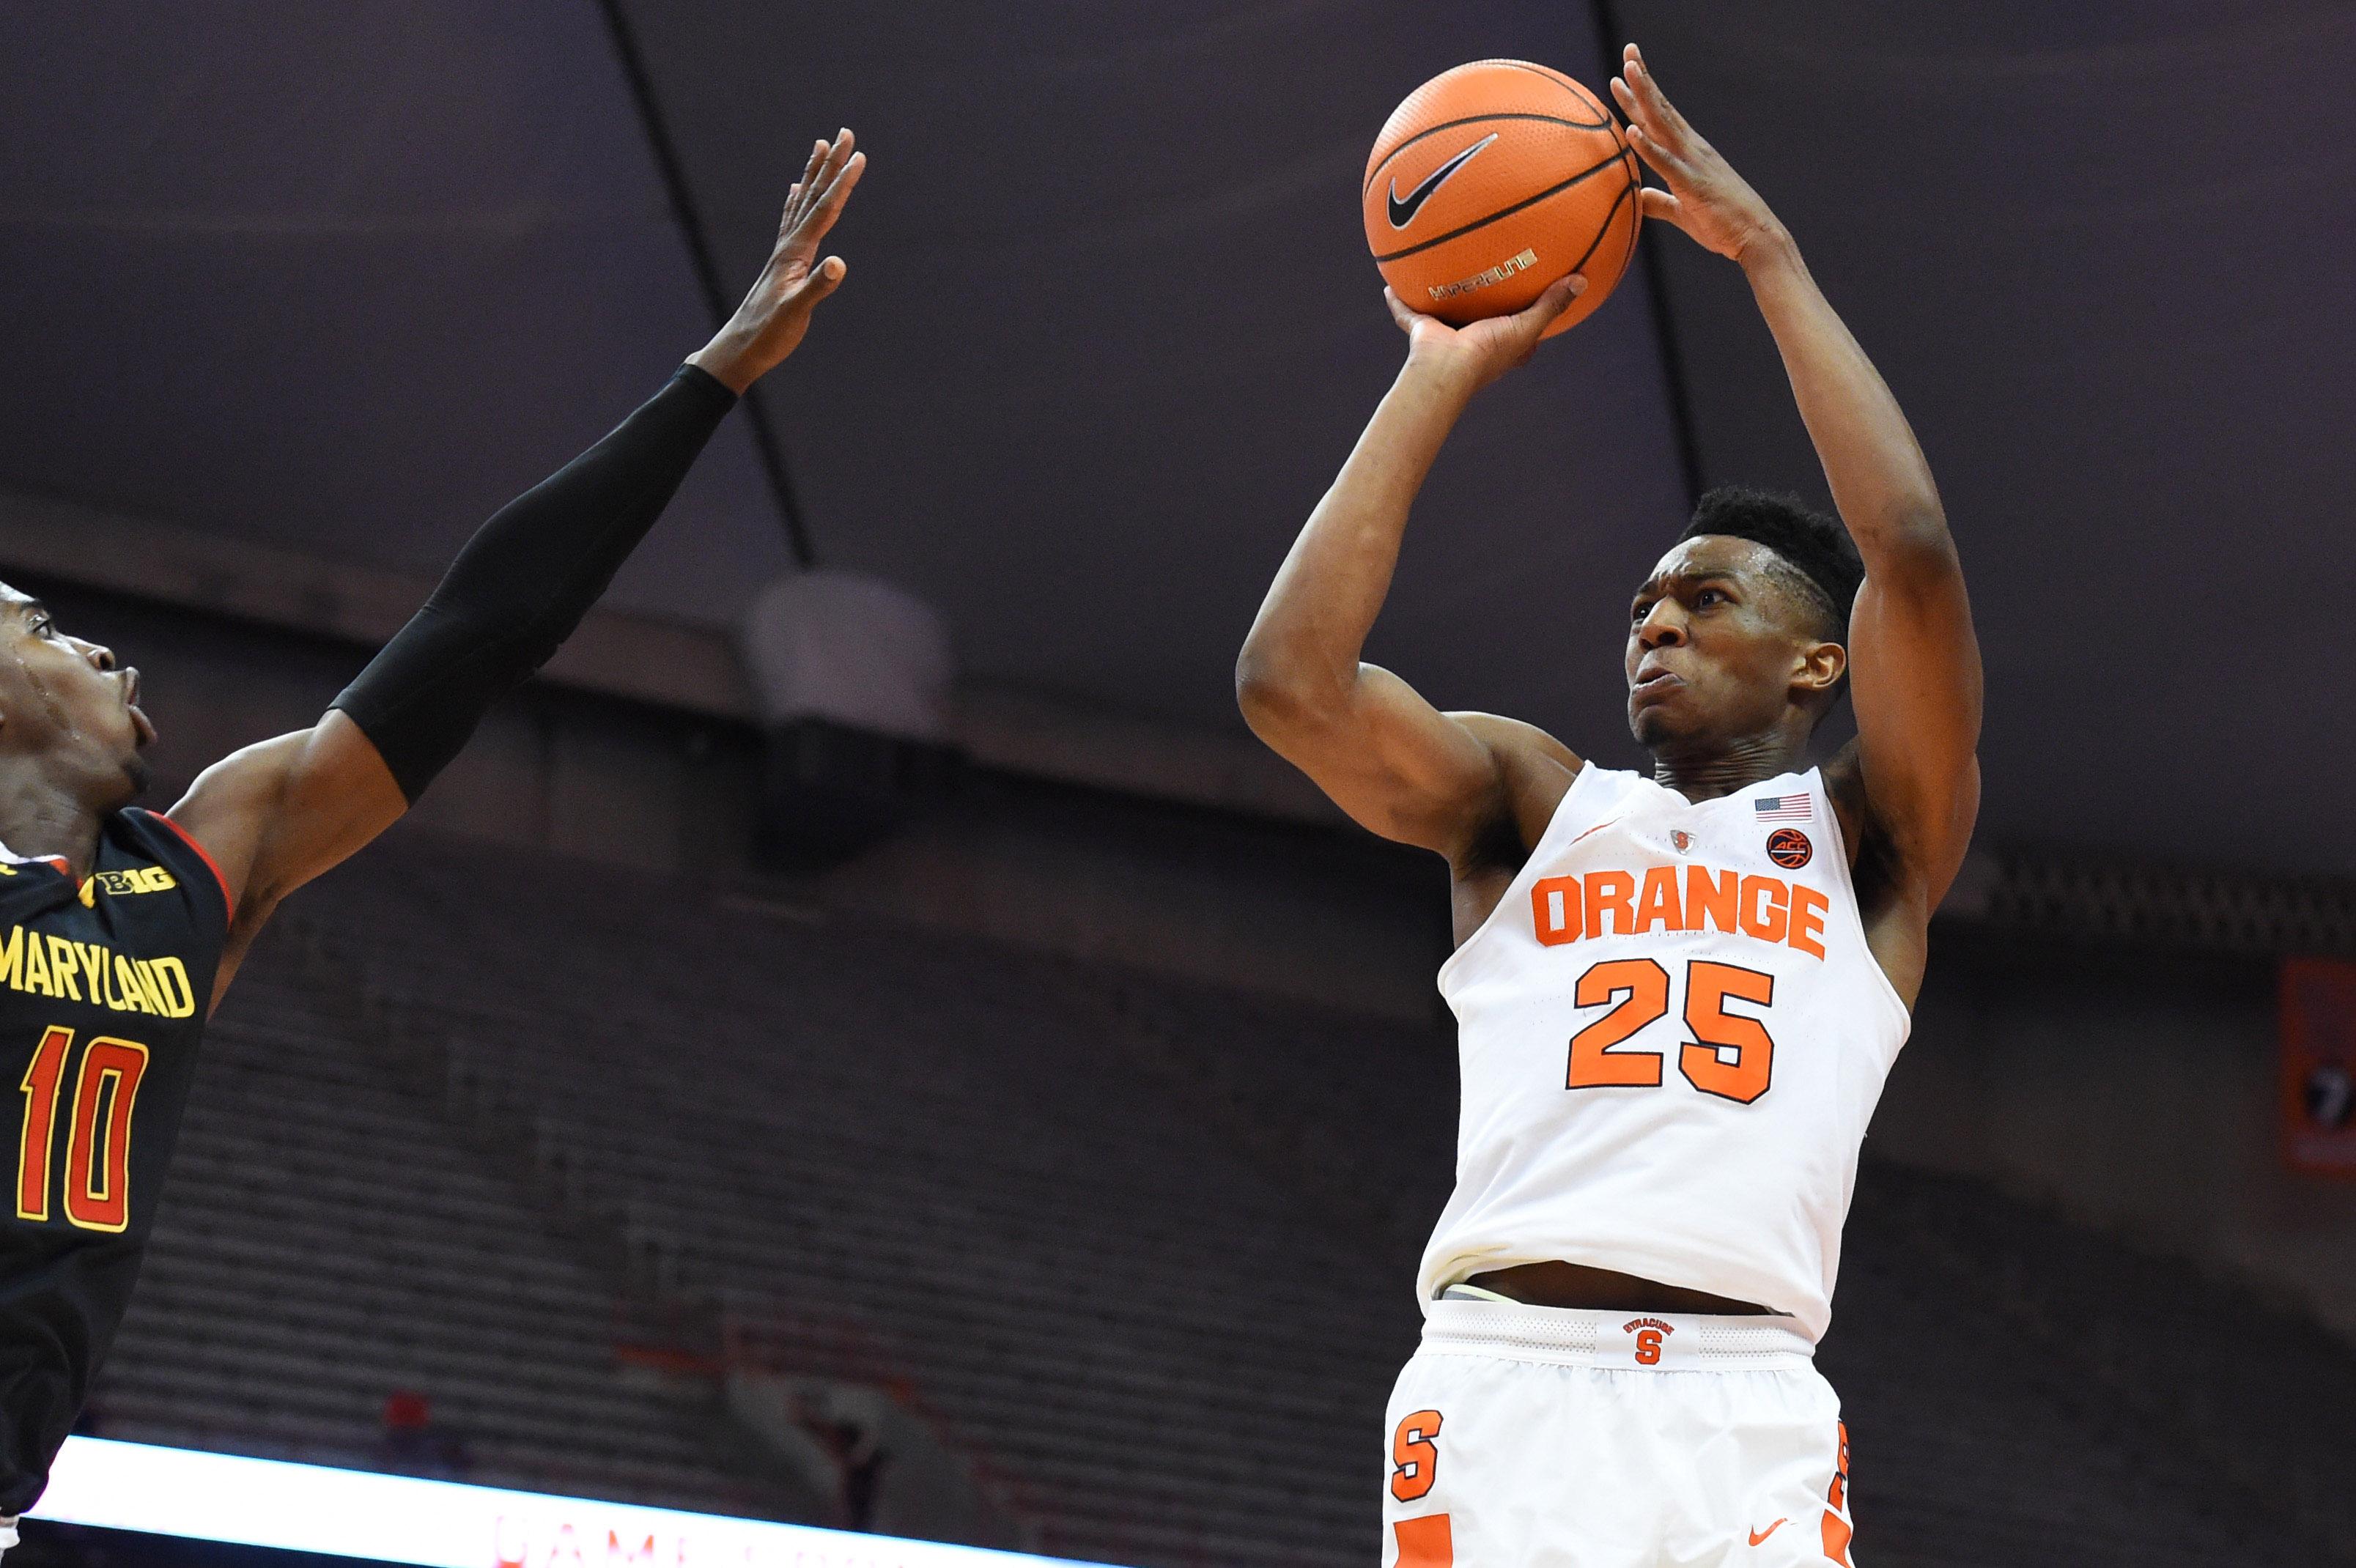 NCAA Basketball: Maryland at Syracuse